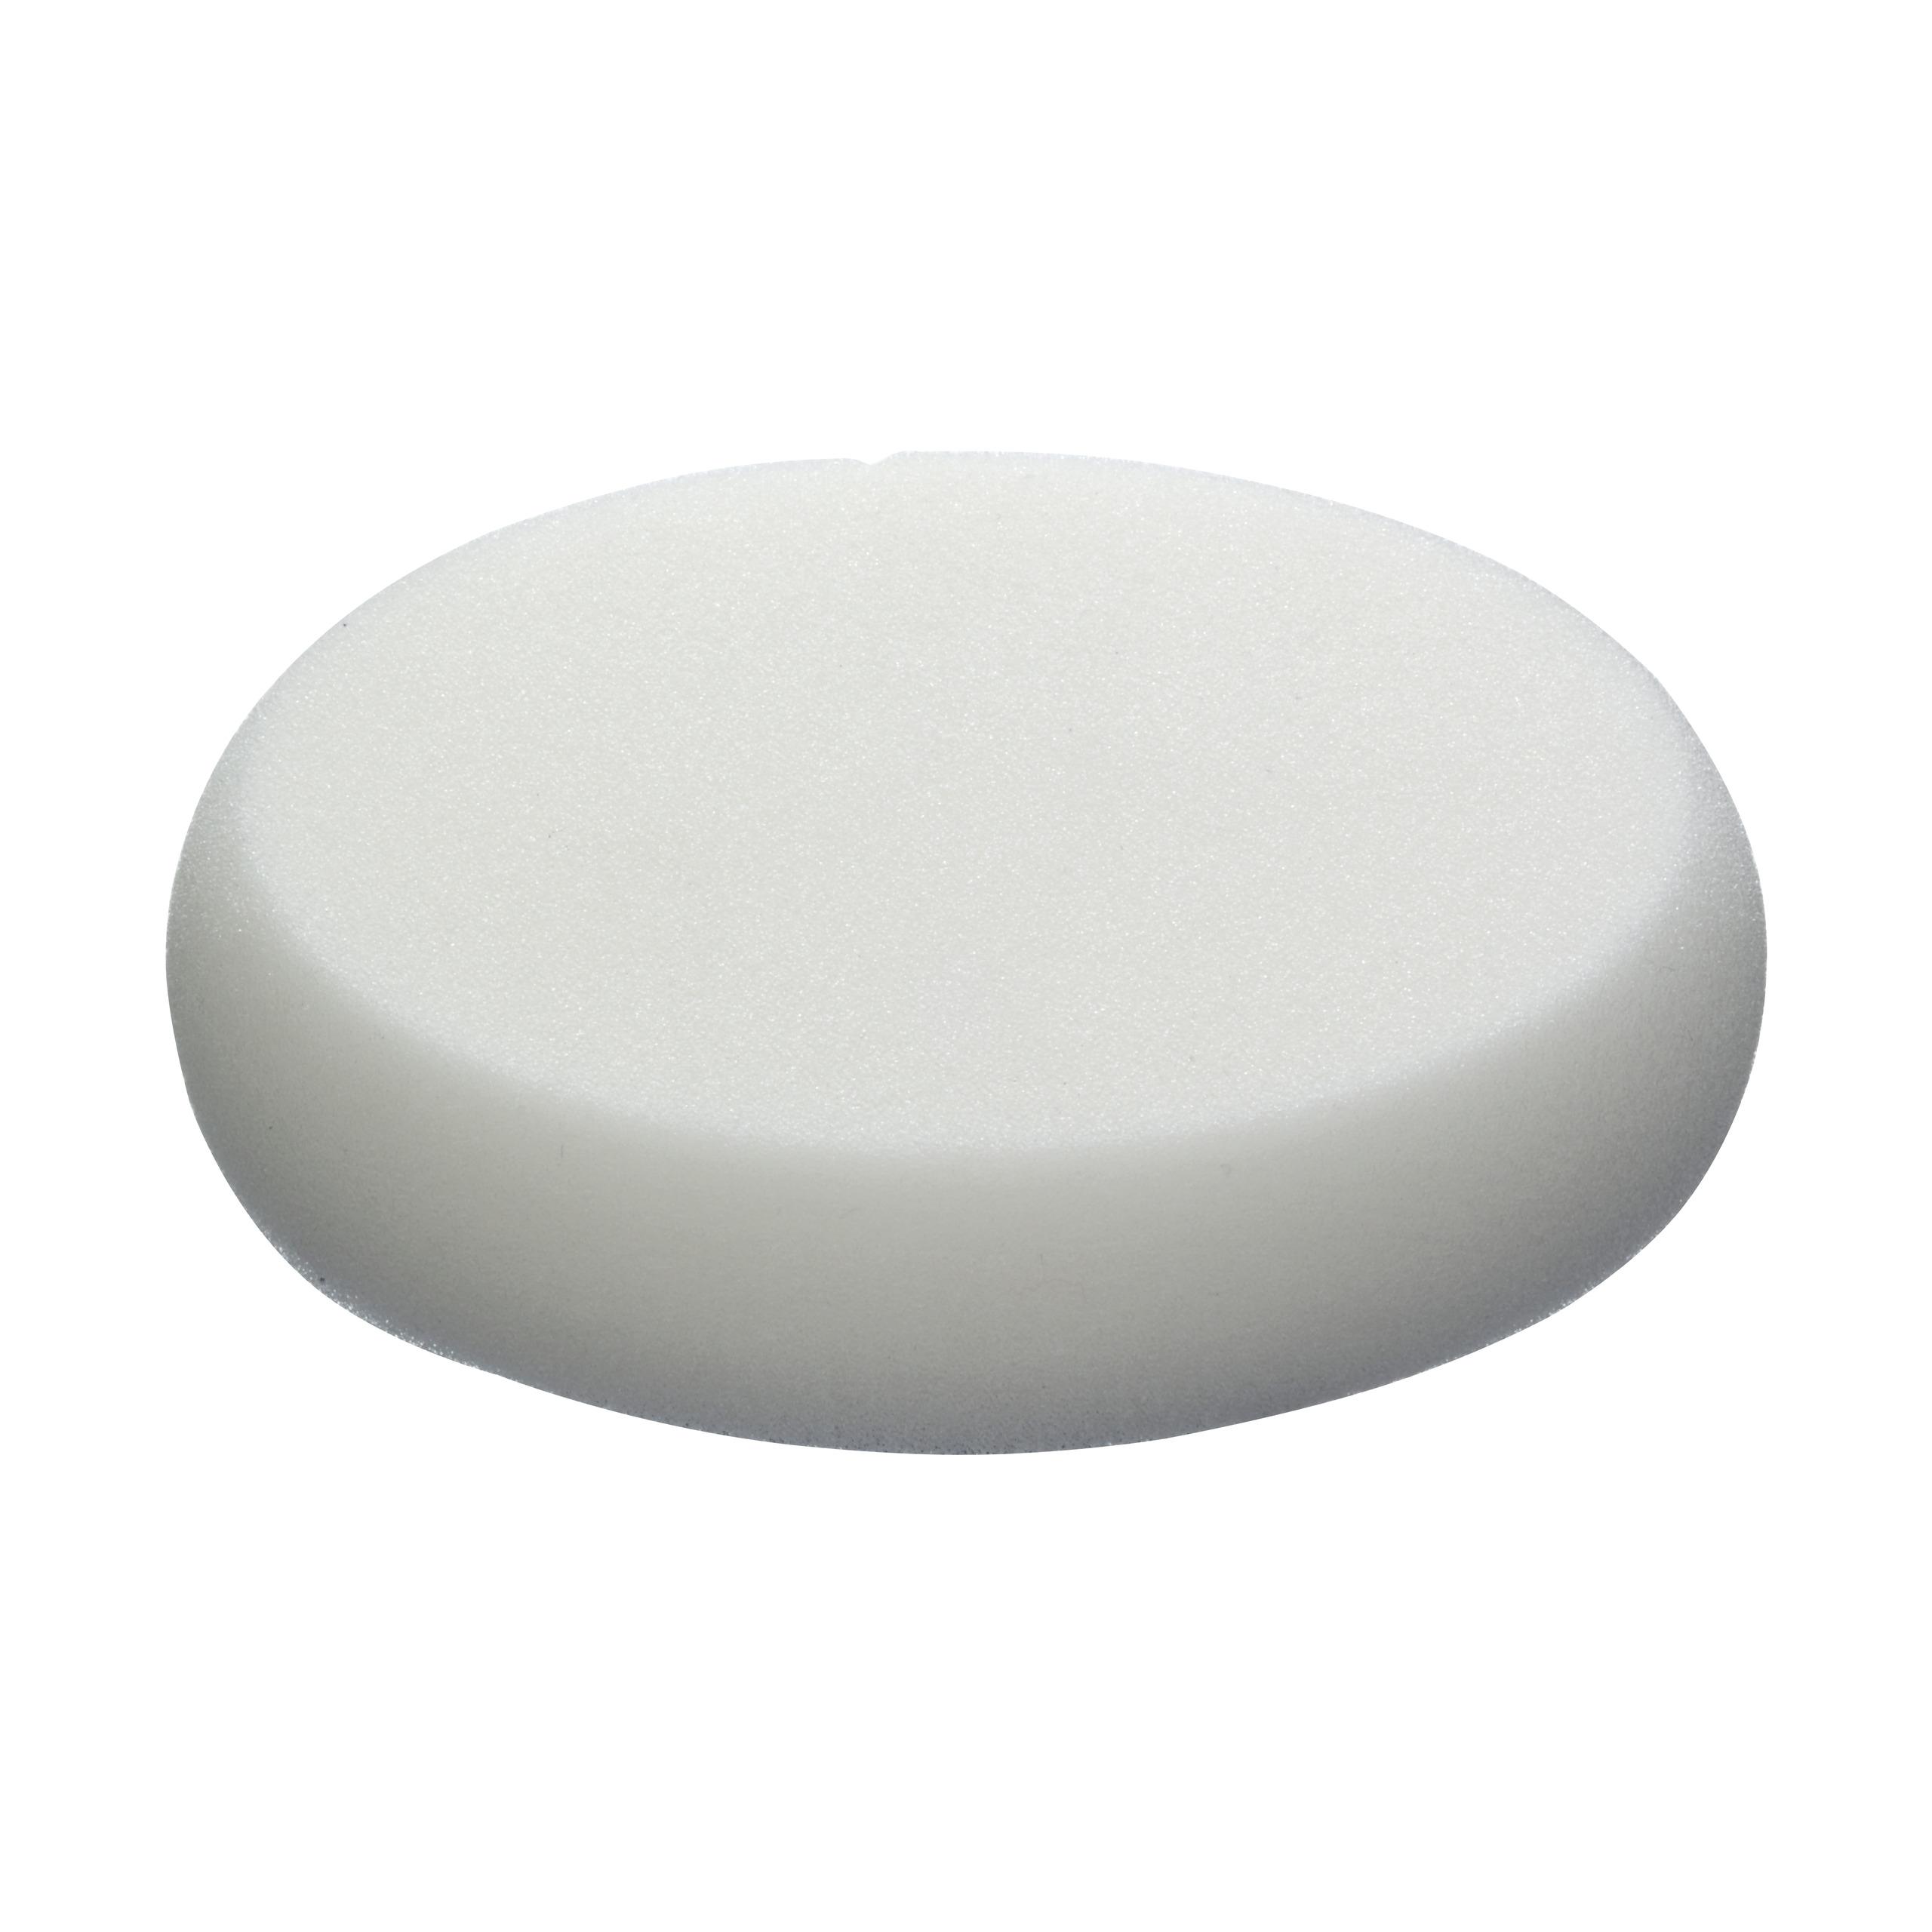 Leštící houba - tvrdá Ø145mm -1ks